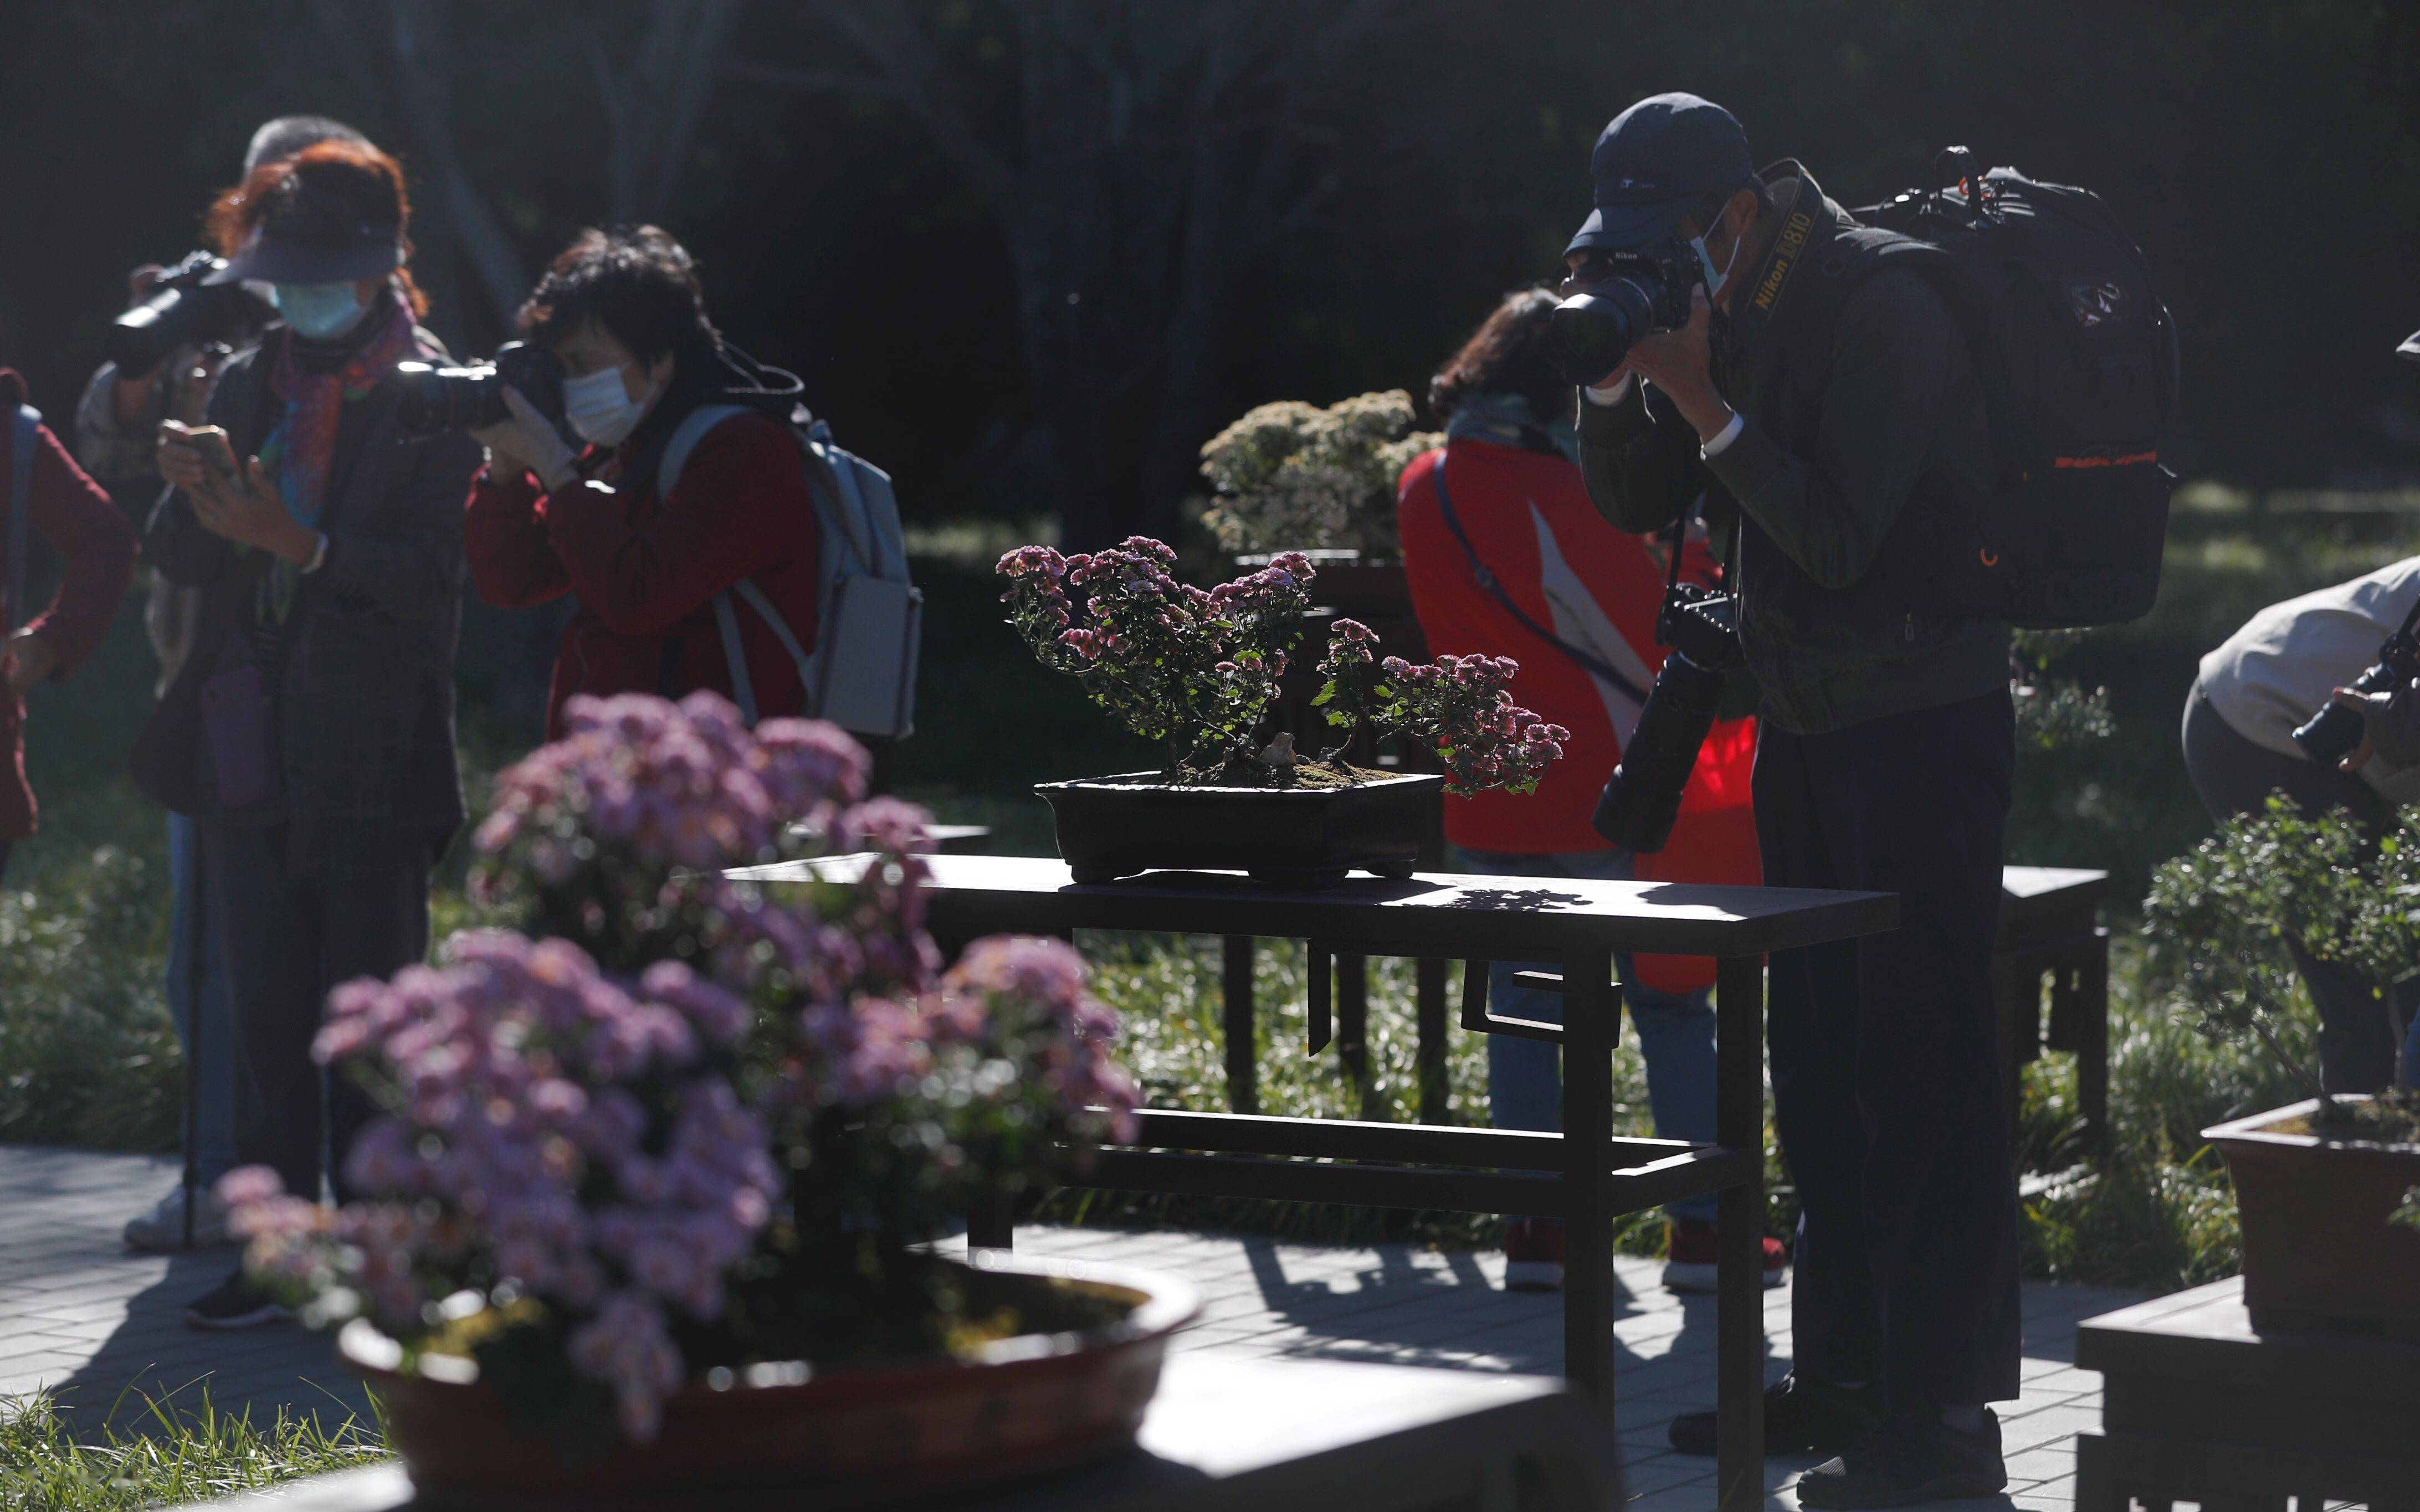 北京市菊花展今日在北海公园开幕 将连